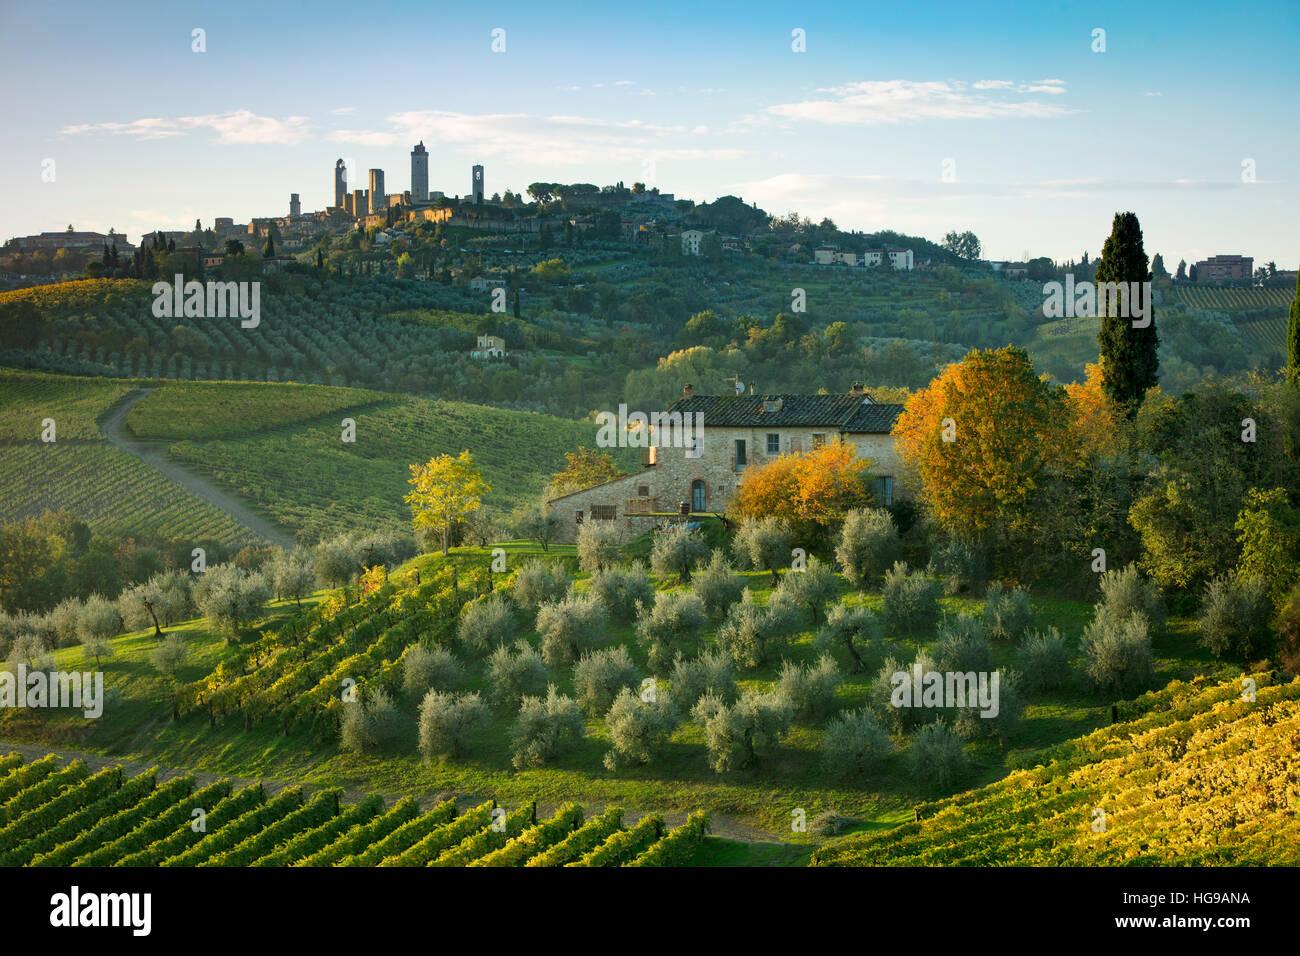 Viñedos y olivares debajo de San Gimignano, Toscana, Italia Imagen De Stock